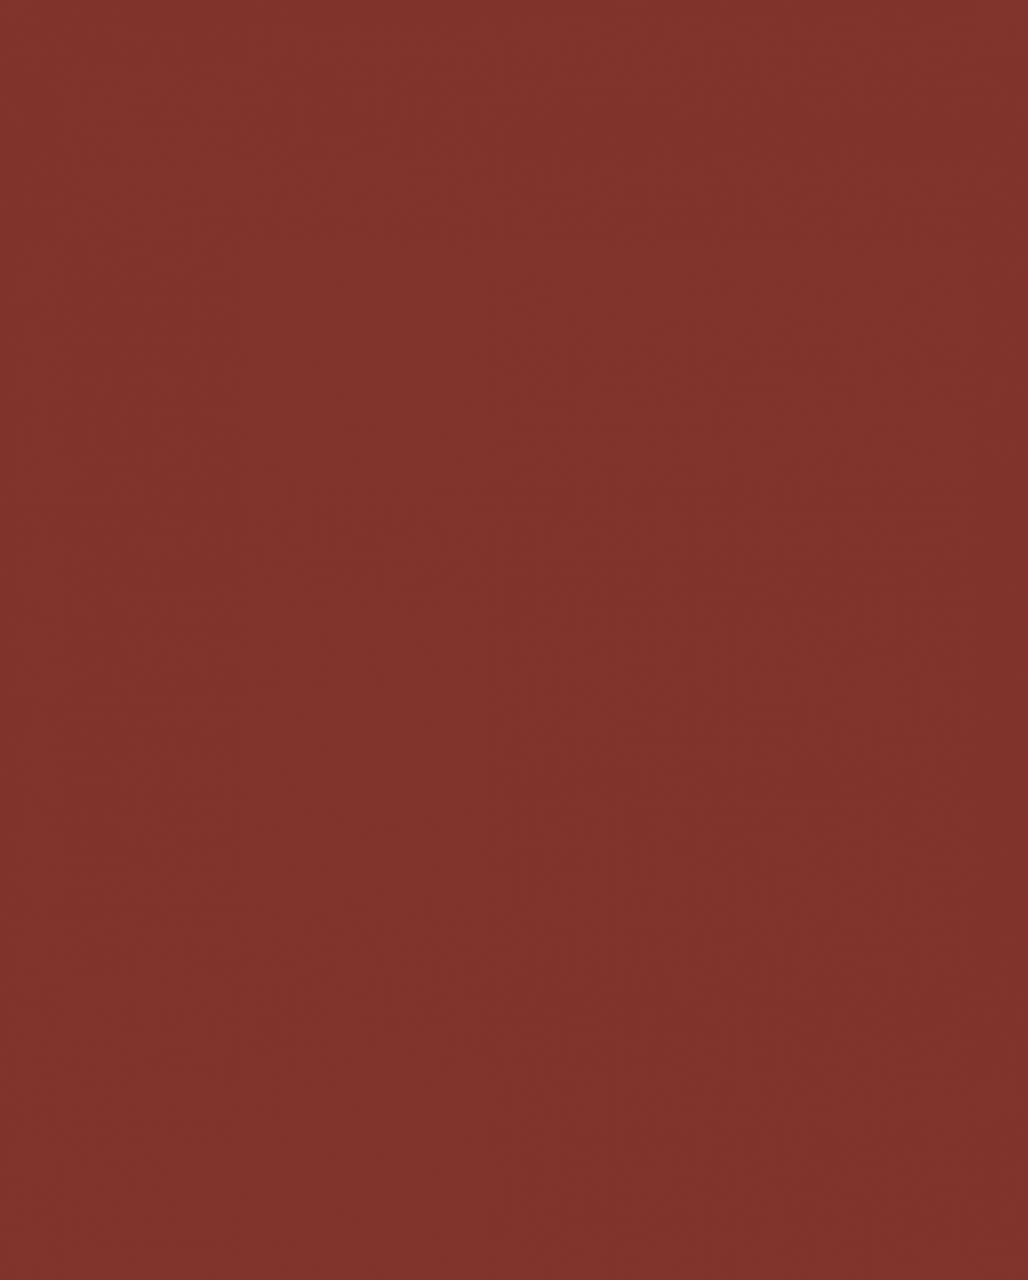 K098 Ceramic Red (мостра ЛПДЧ)